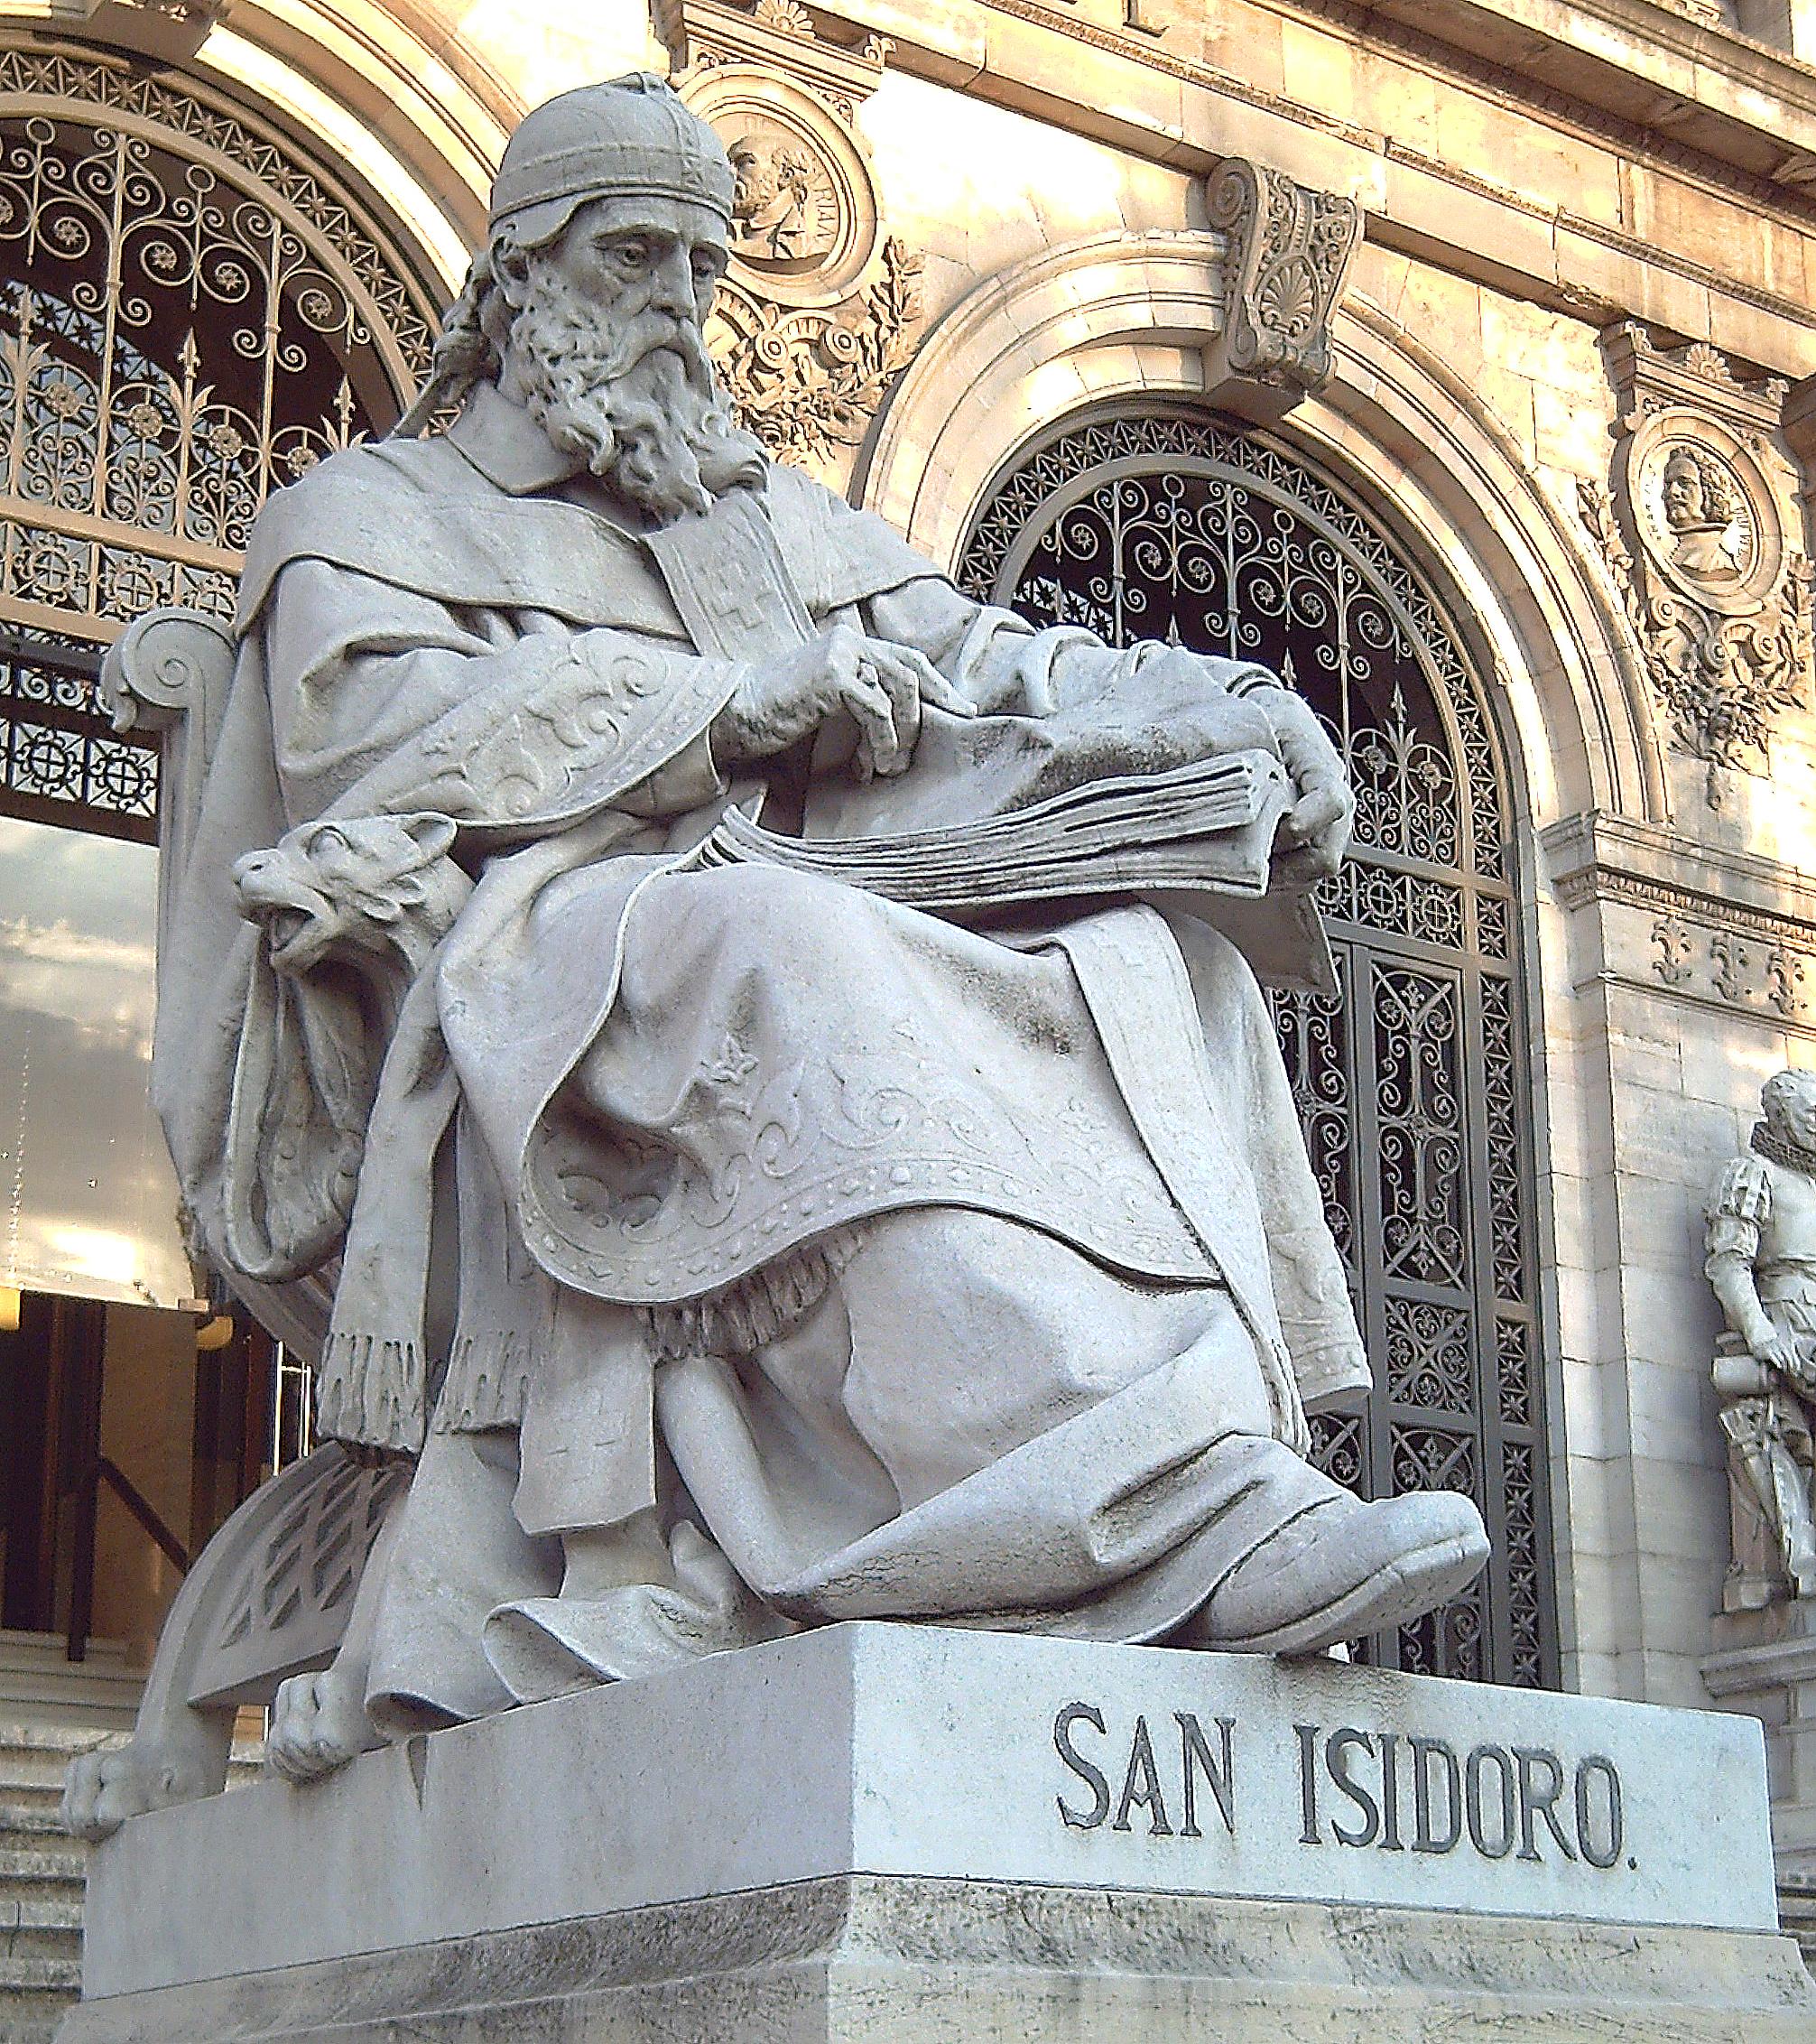 Estatua de SAN ISIDORO DE SEVILLA (c. 560-636) en la escalinata de acceso a la Biblioteca Nacional de España (Madrid). Esculpida en piedra por José Alcoverro y Amorós (1835–1910) en 1892.